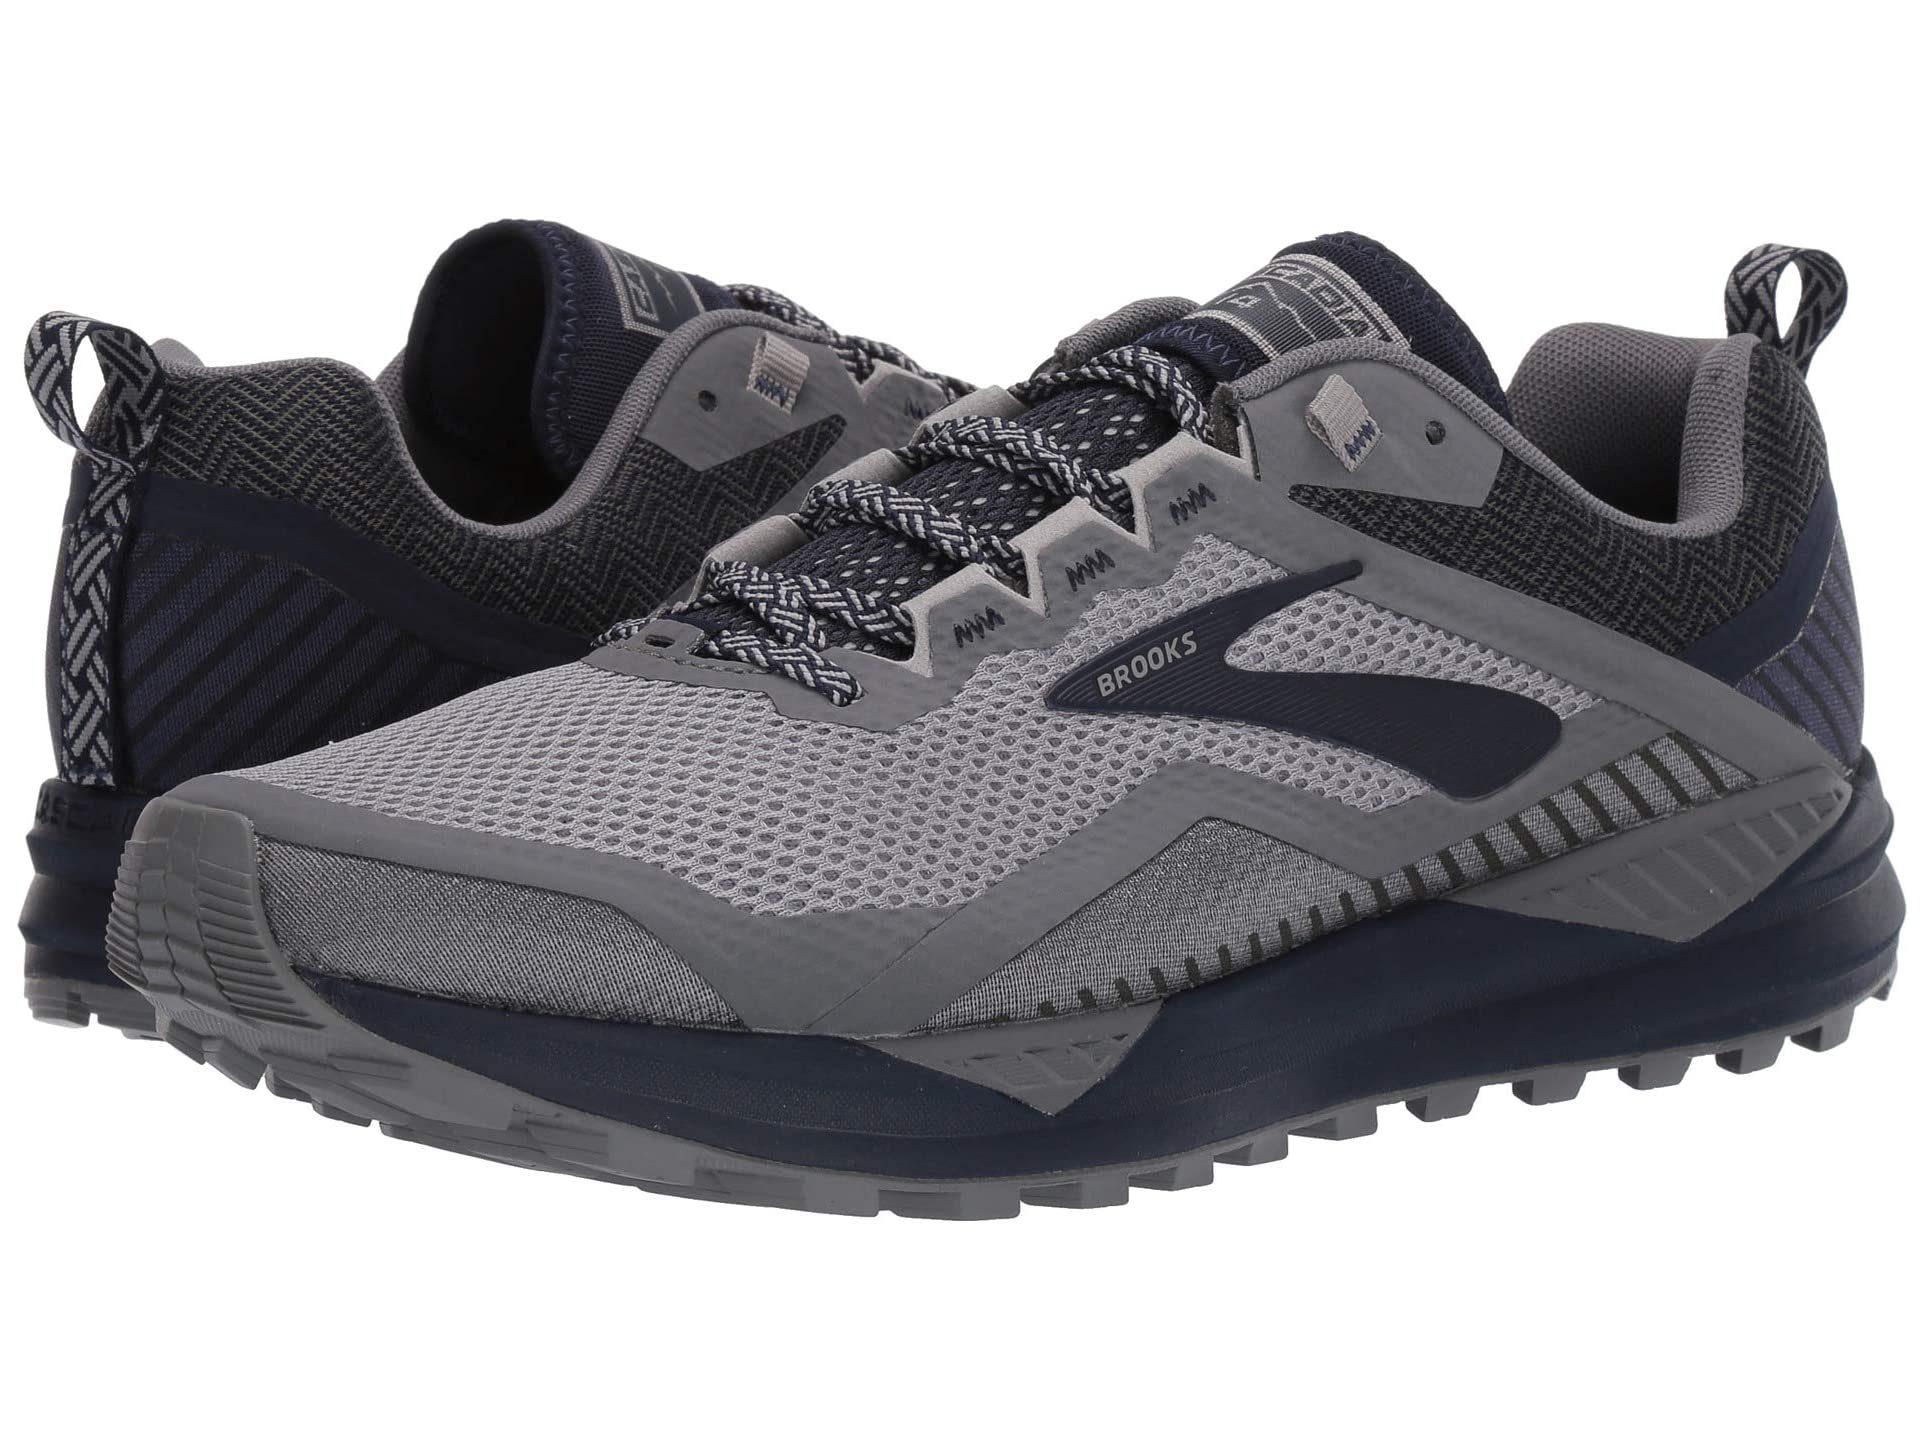 Brooks Cascadia 14 trail shoes